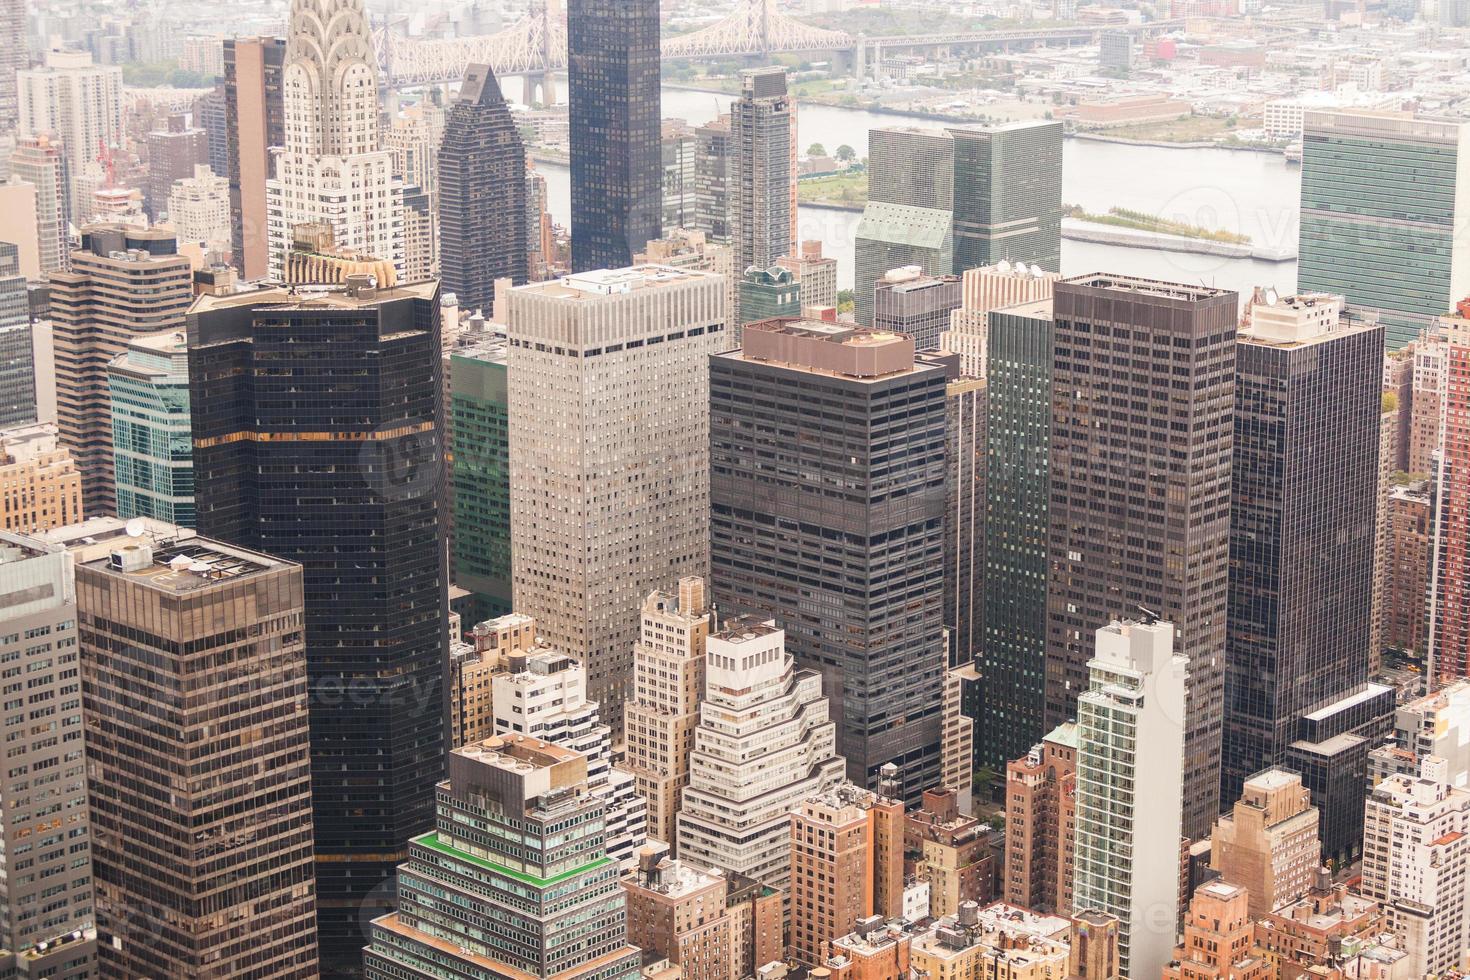 Vista aérea de Nueva York en un día nublado foto